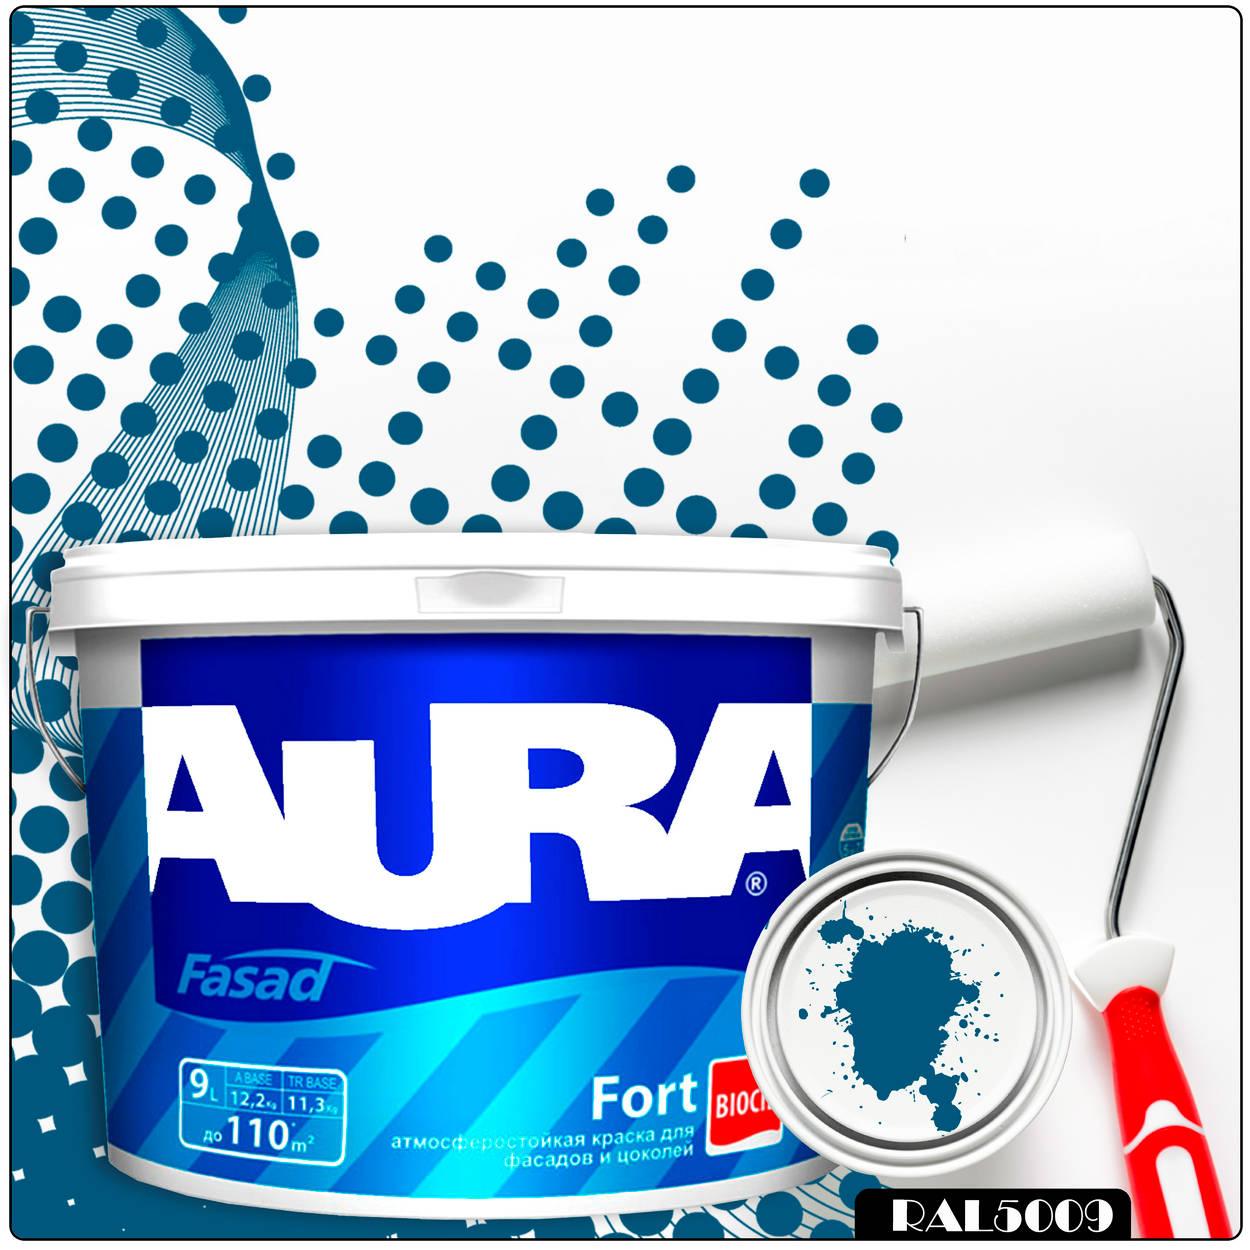 Фото 9 - Краска Aura Fasad Fort, RAL 5009 Лазурно-синий, латексная, матовая, для фасада и цоколей, 9л, Аура.